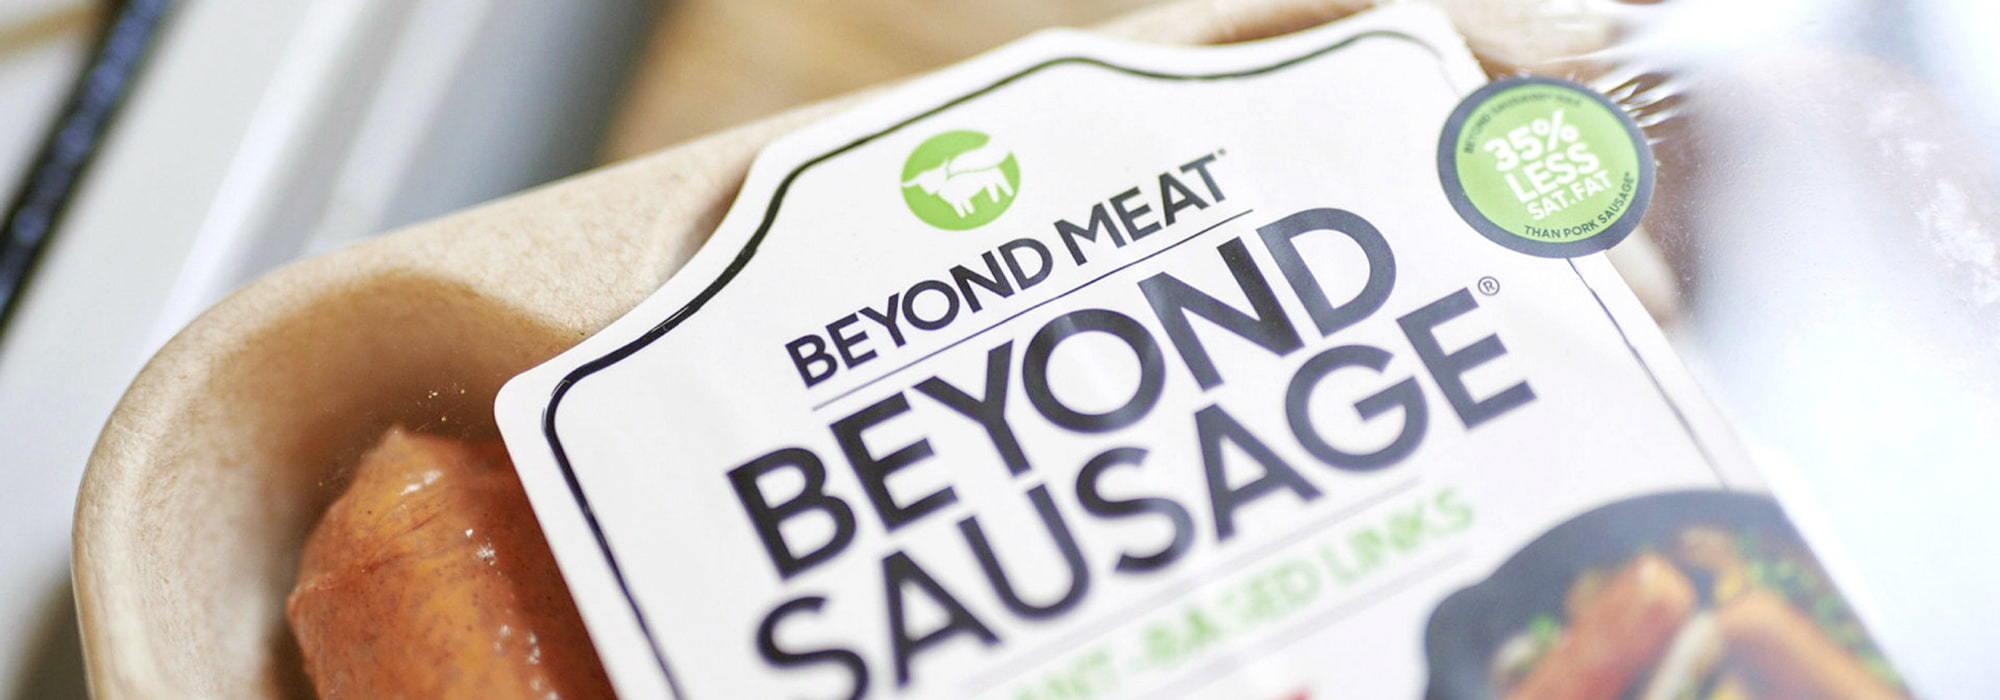 未來肉與植物肉【健康素食外賣必選】|Kama Delivery到會外賣速遞服務